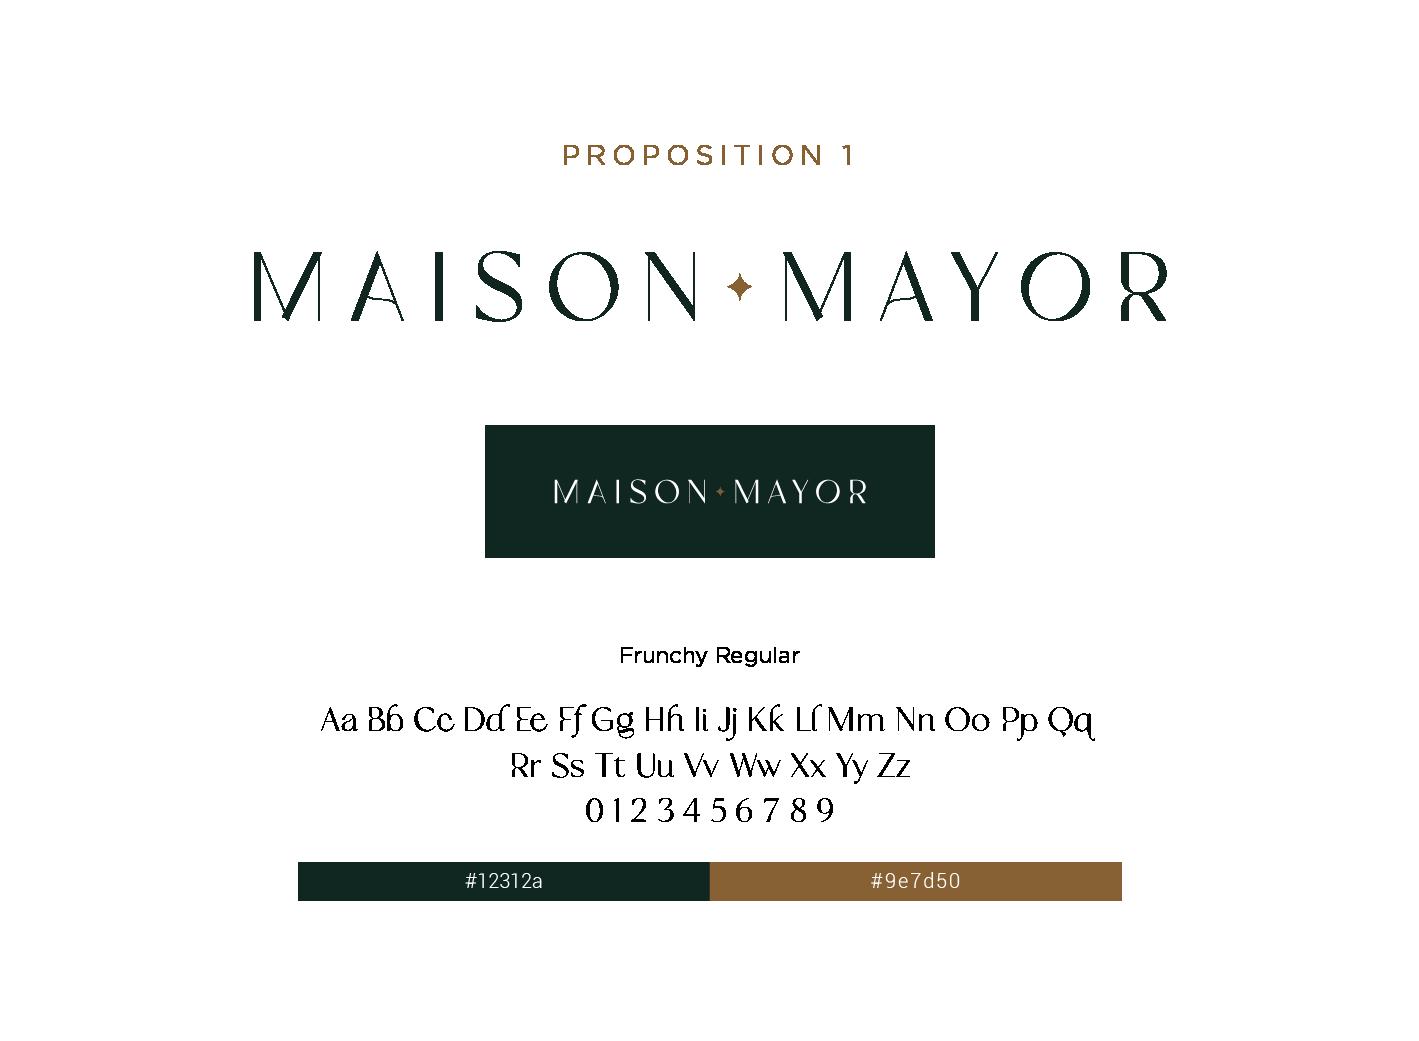 proposition 1 logo maison mayor